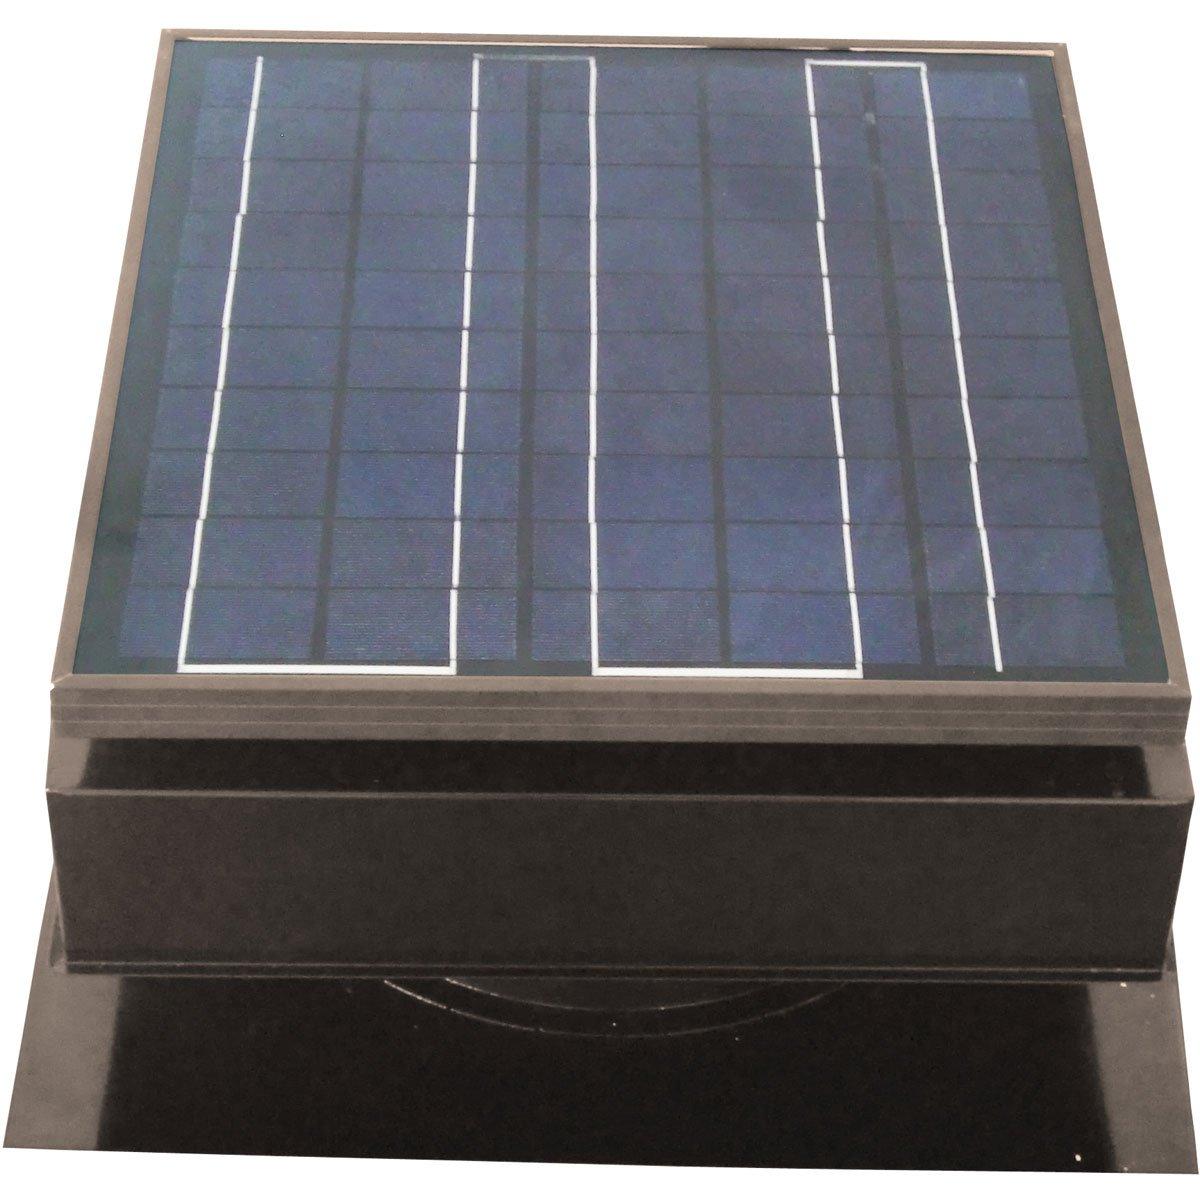 Solar star attic fan complaints - Solar Attic Fan Roof Mount 25 Watt Gray Remington Attic Fan Amazon Com